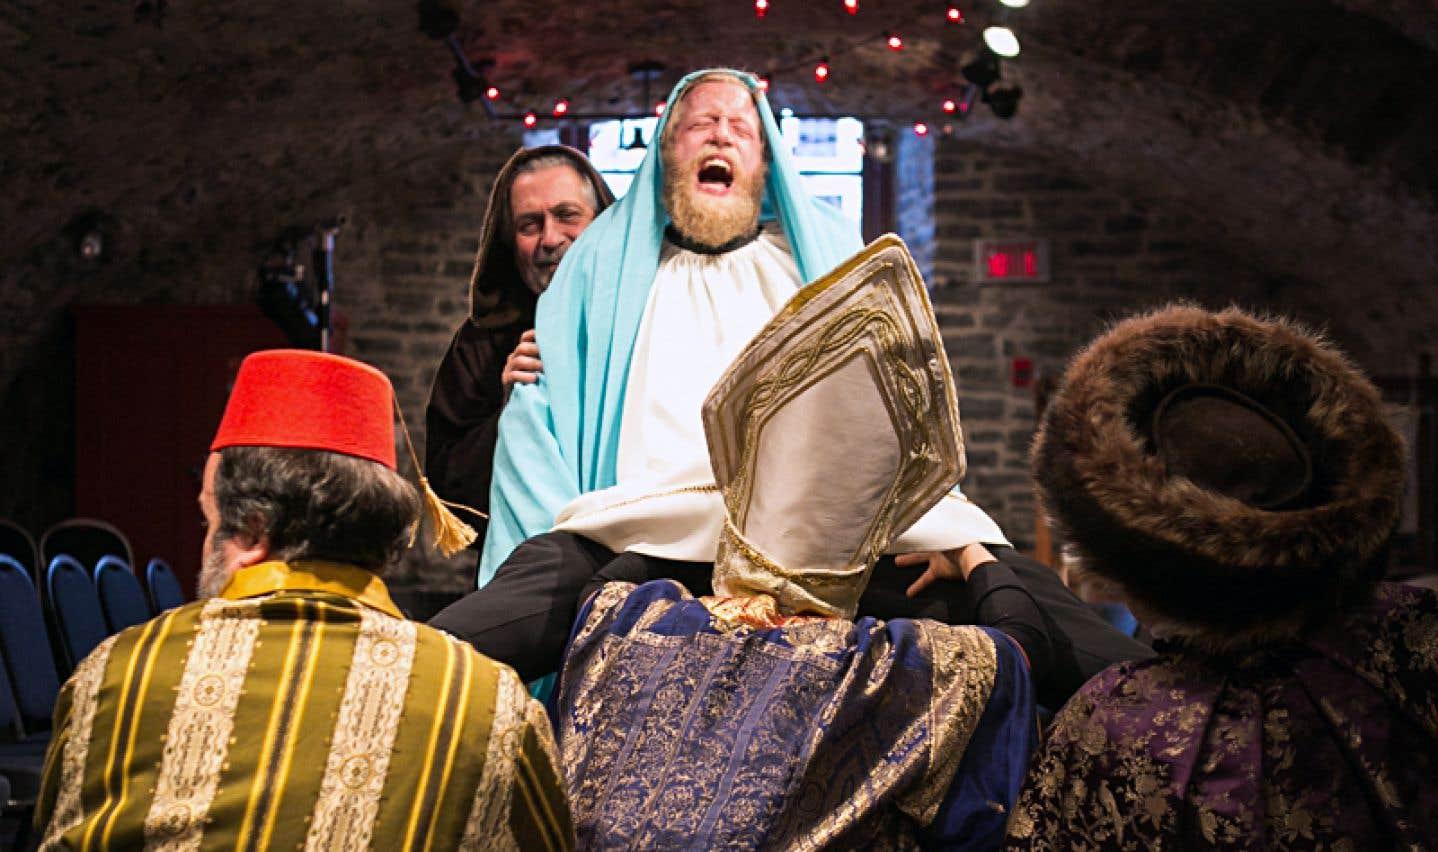 La scène finale boucle la soirée de belle façon avec une libre relecture de la nativité dans laquelle Gaspard, Melchior et Balthazar seront témoins d'une naissance inattendue.